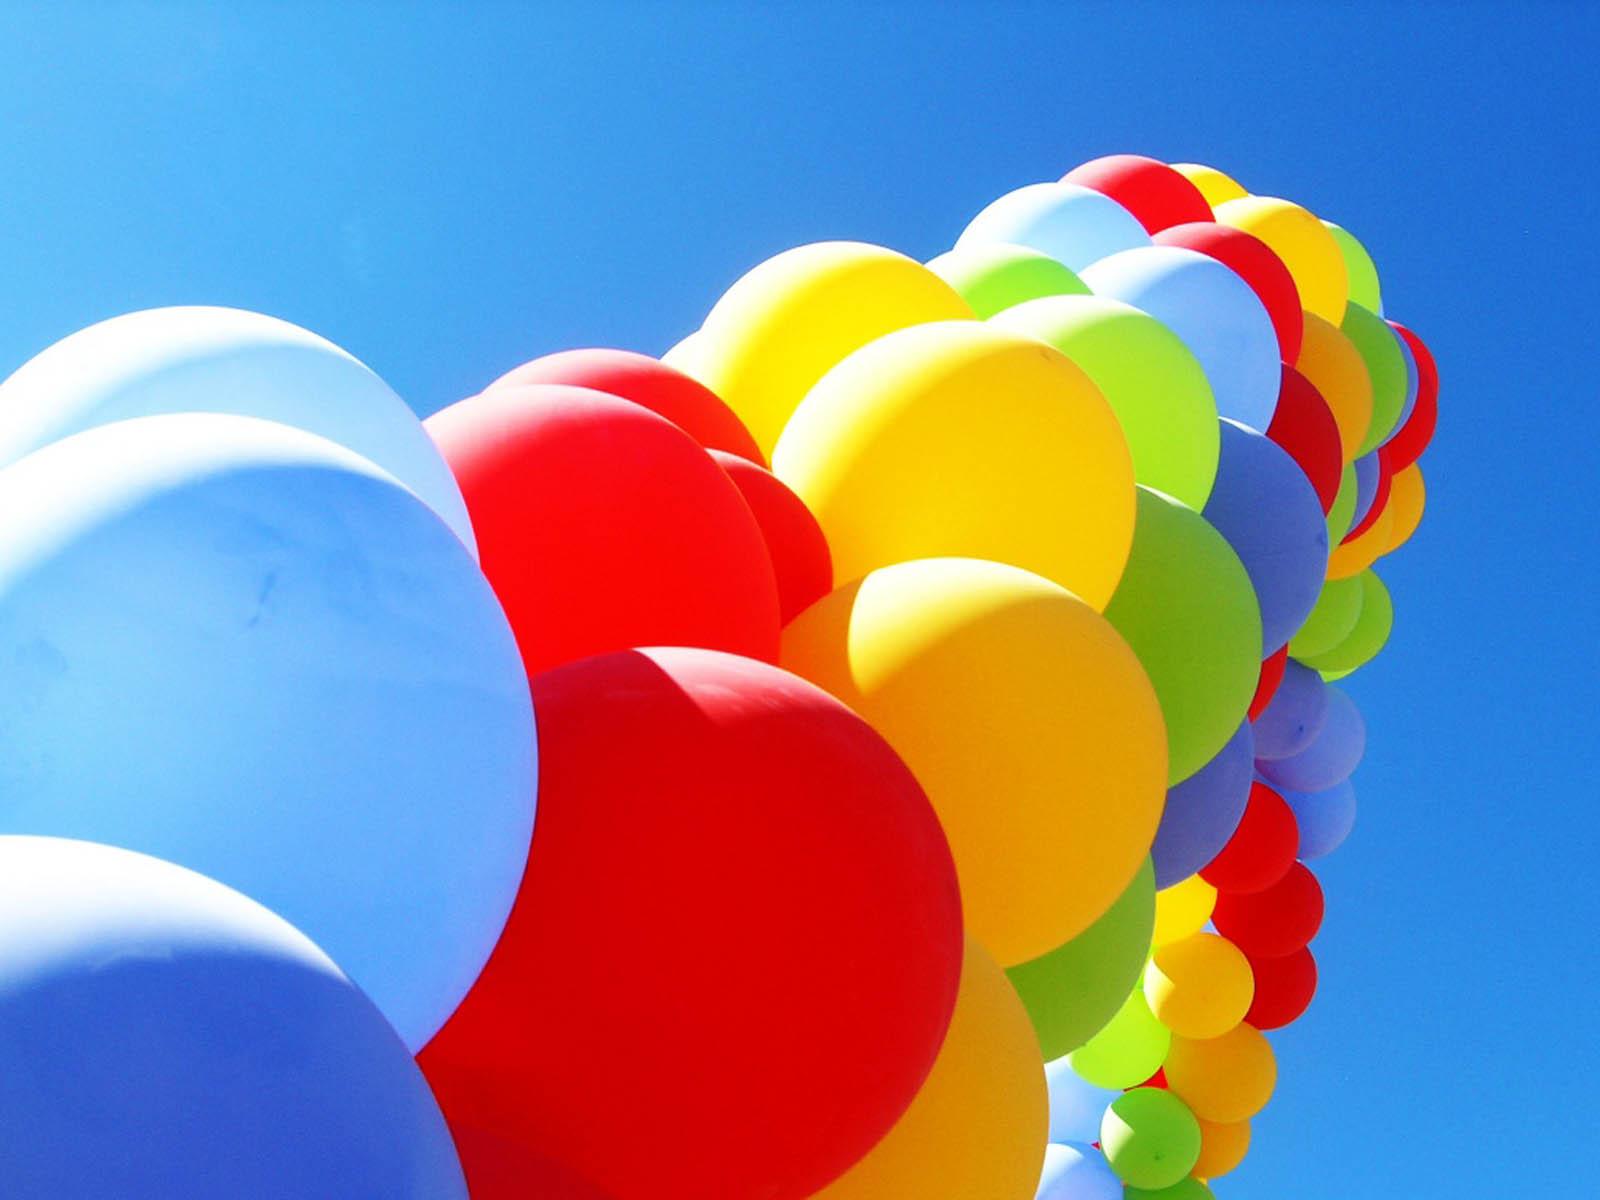 http://4.bp.blogspot.com/-gKa0rnvJ9OQ/UBIITprUPeI/AAAAAAAAGKE/XPESqwgmnyA/s1600/Balloons+Wallpapers+3.jpg